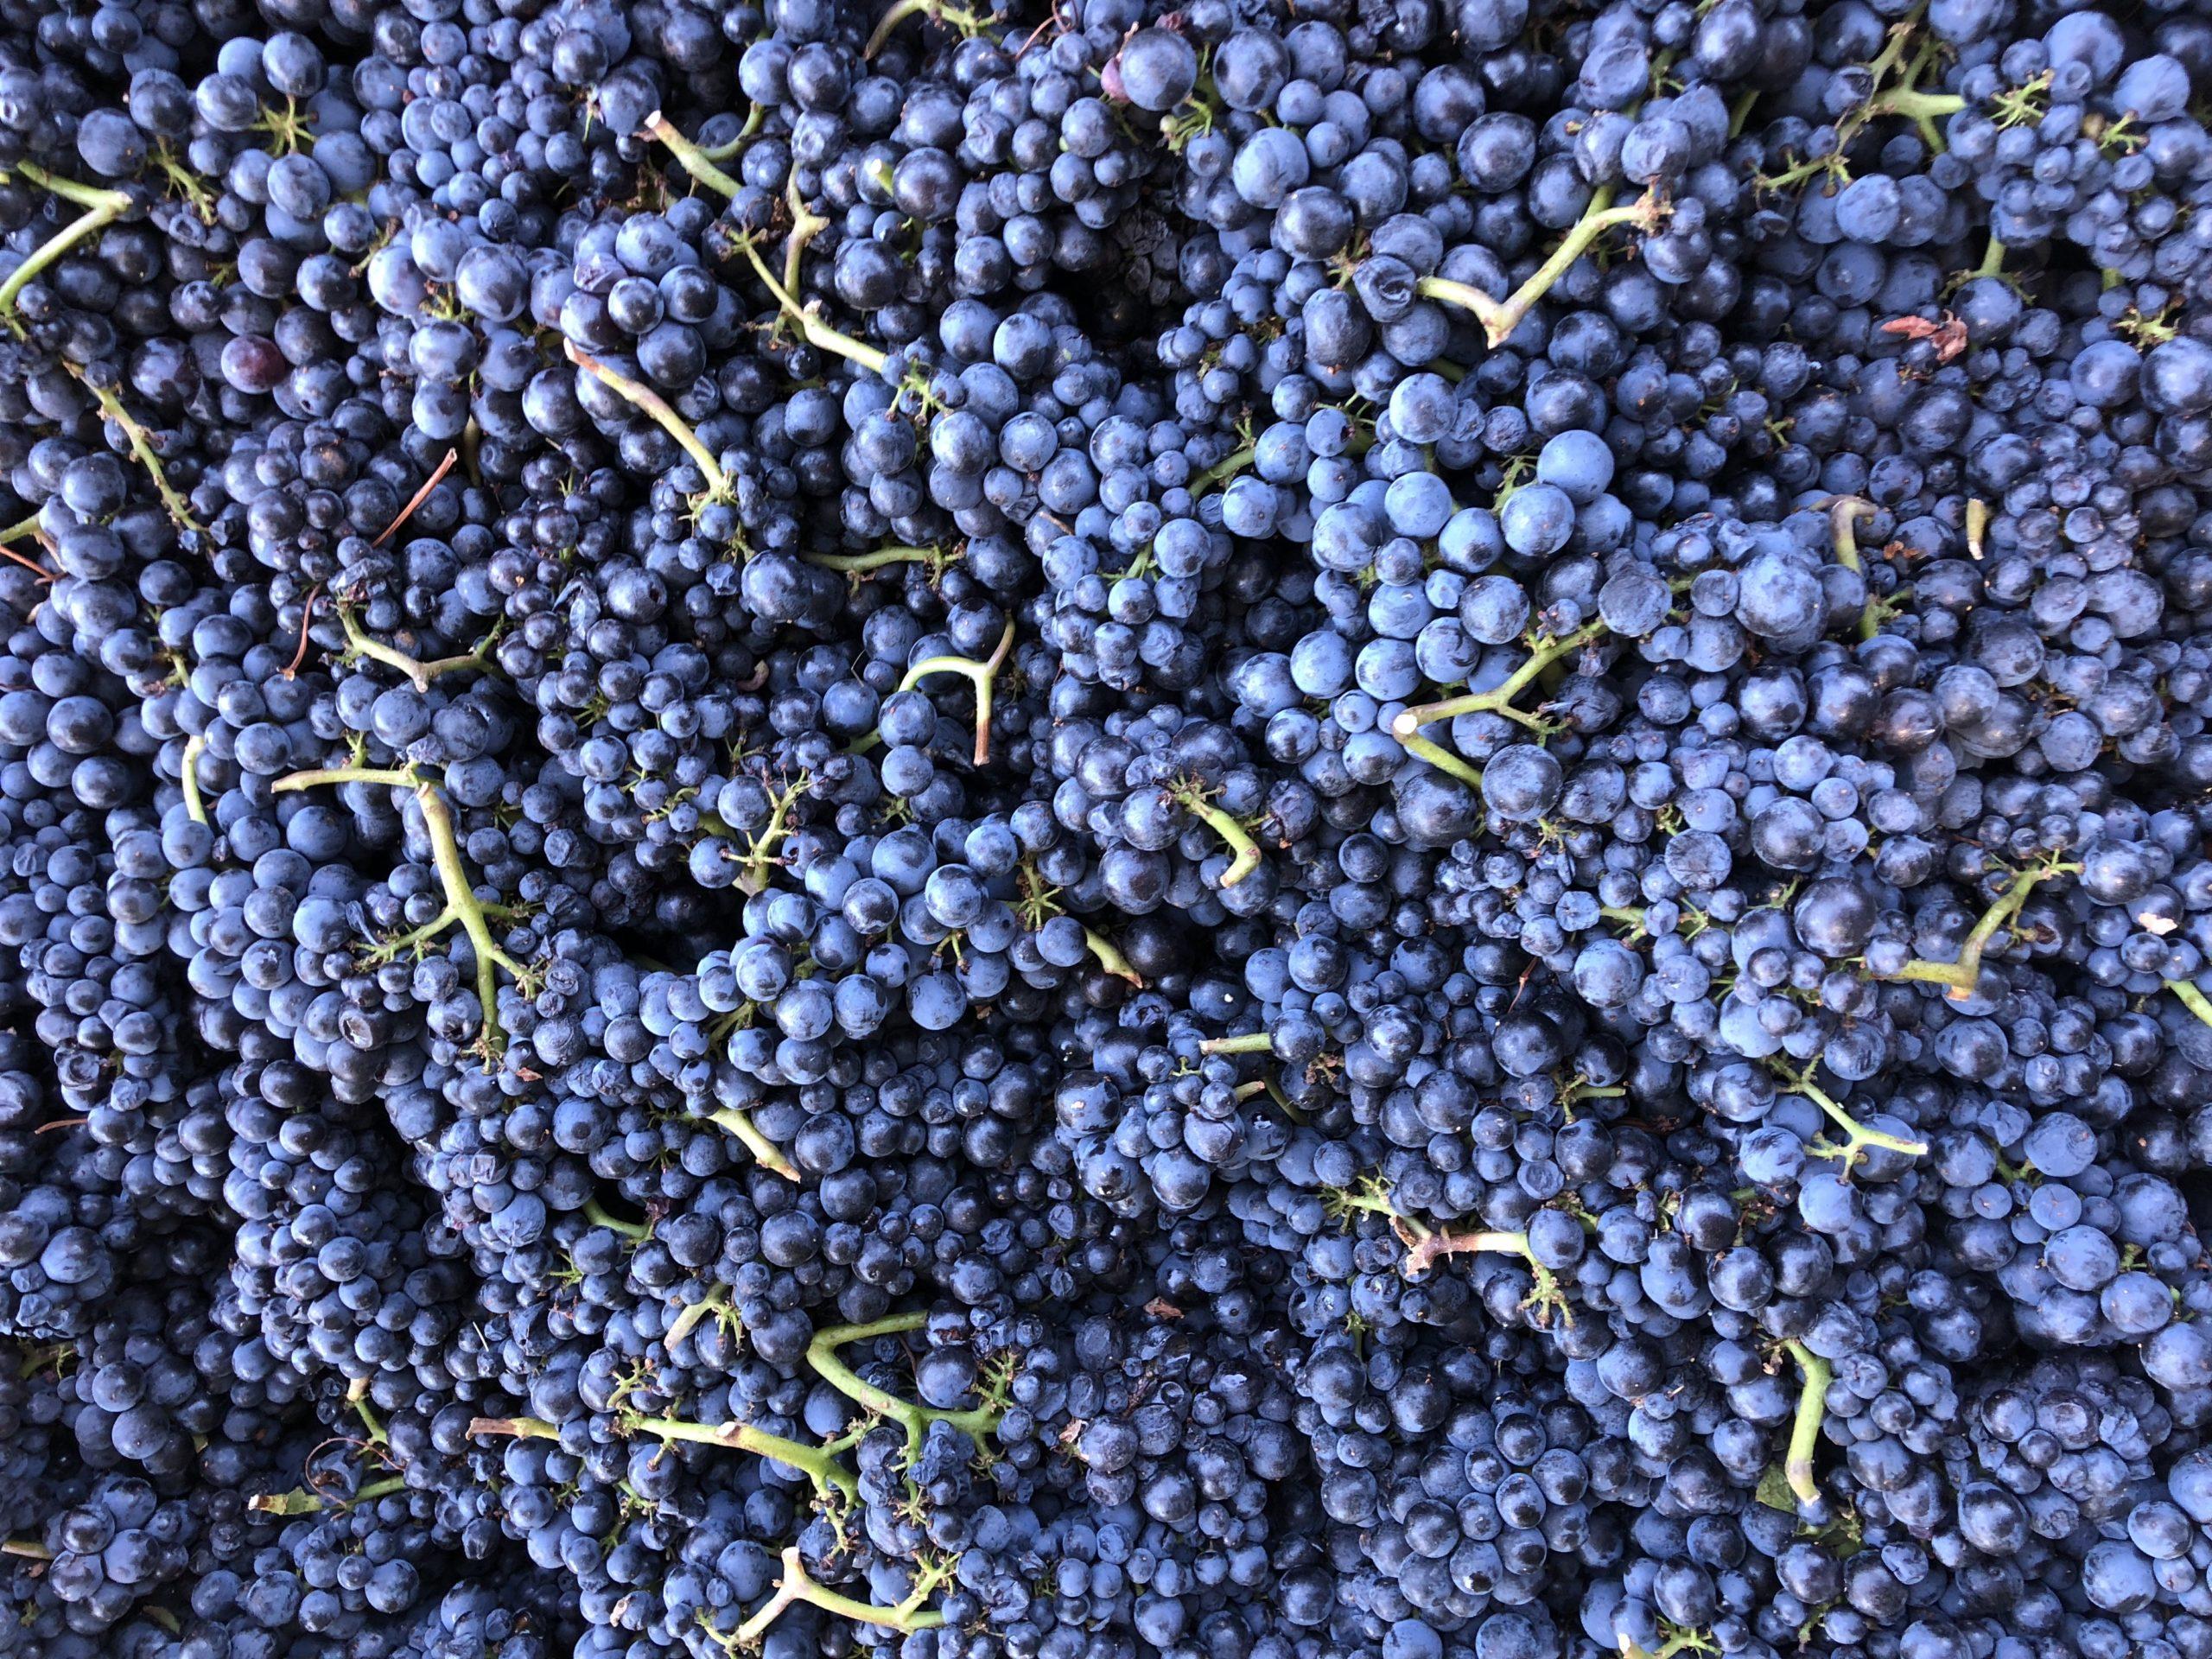 Coastview Pinot Noir clusters